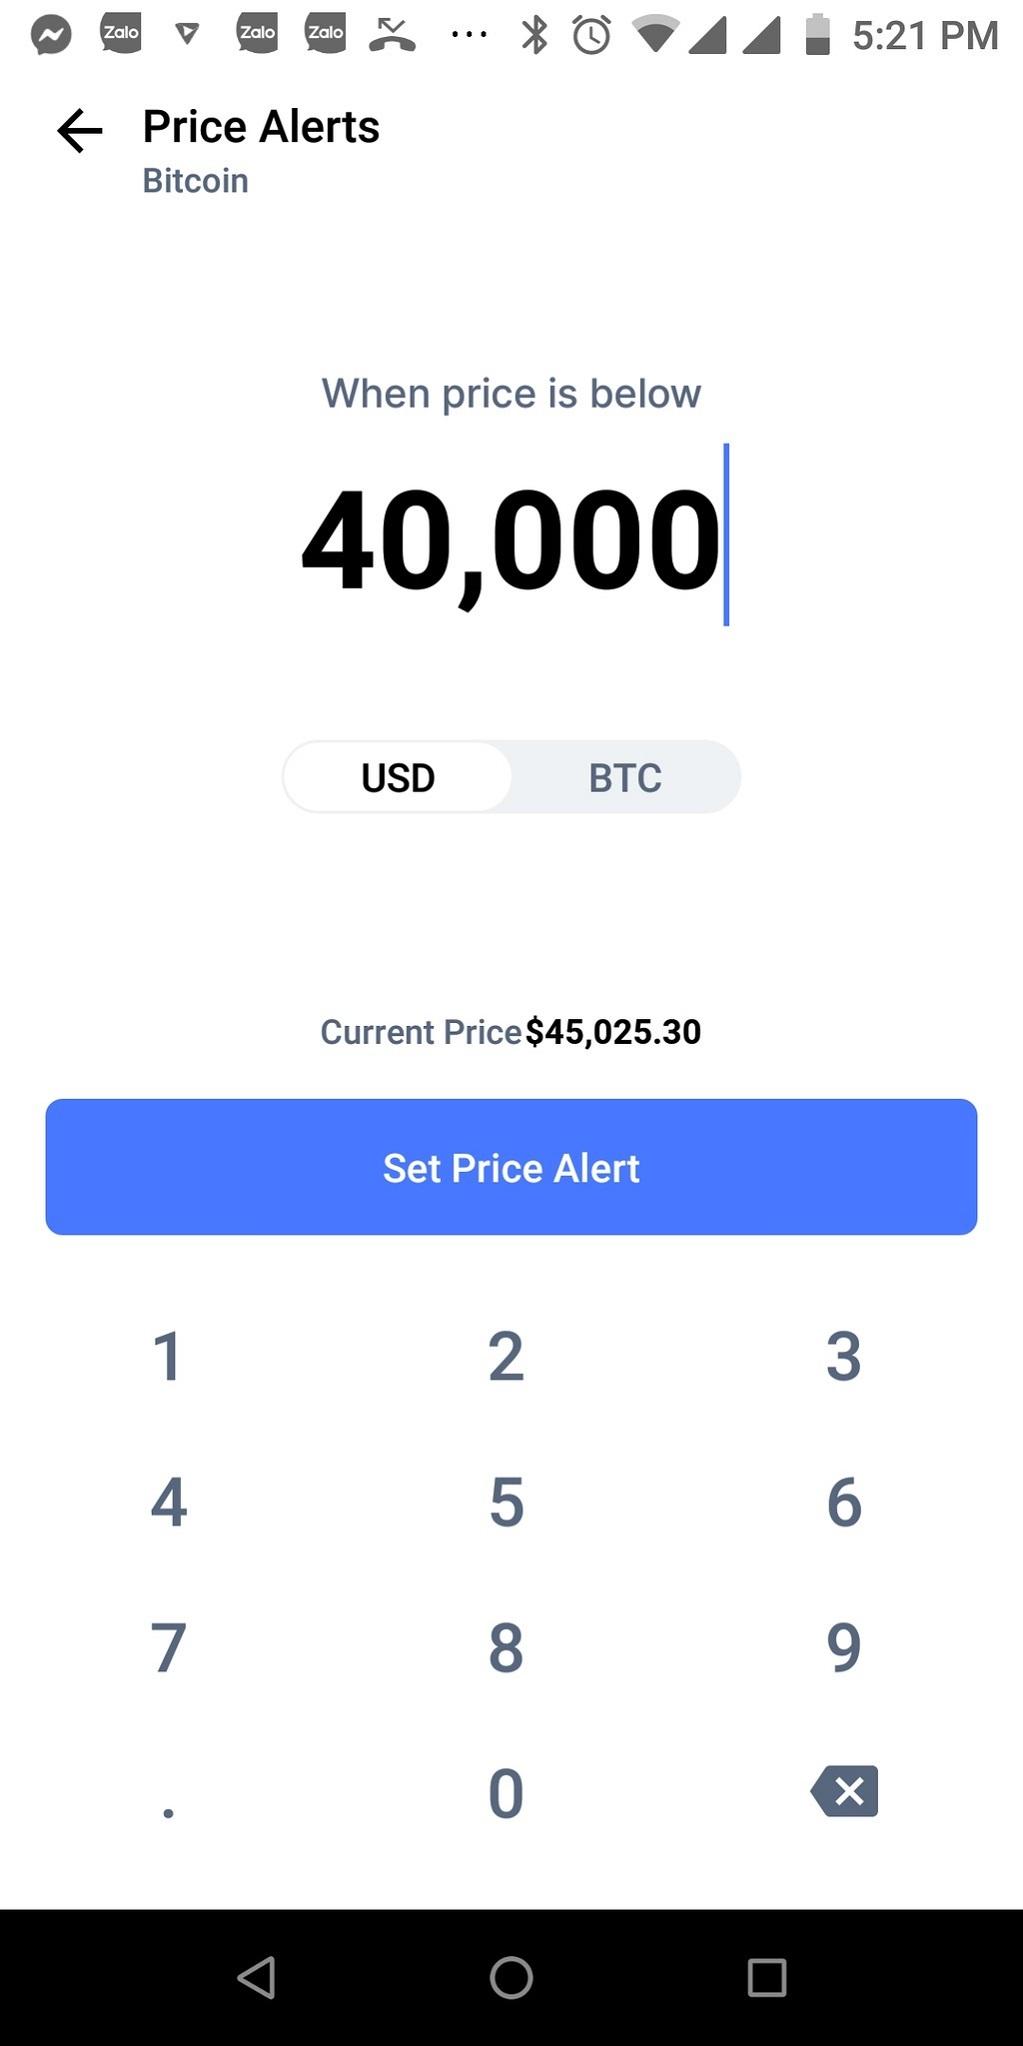 Cách theo dõi giá Bitcoin hiệu quả nhất